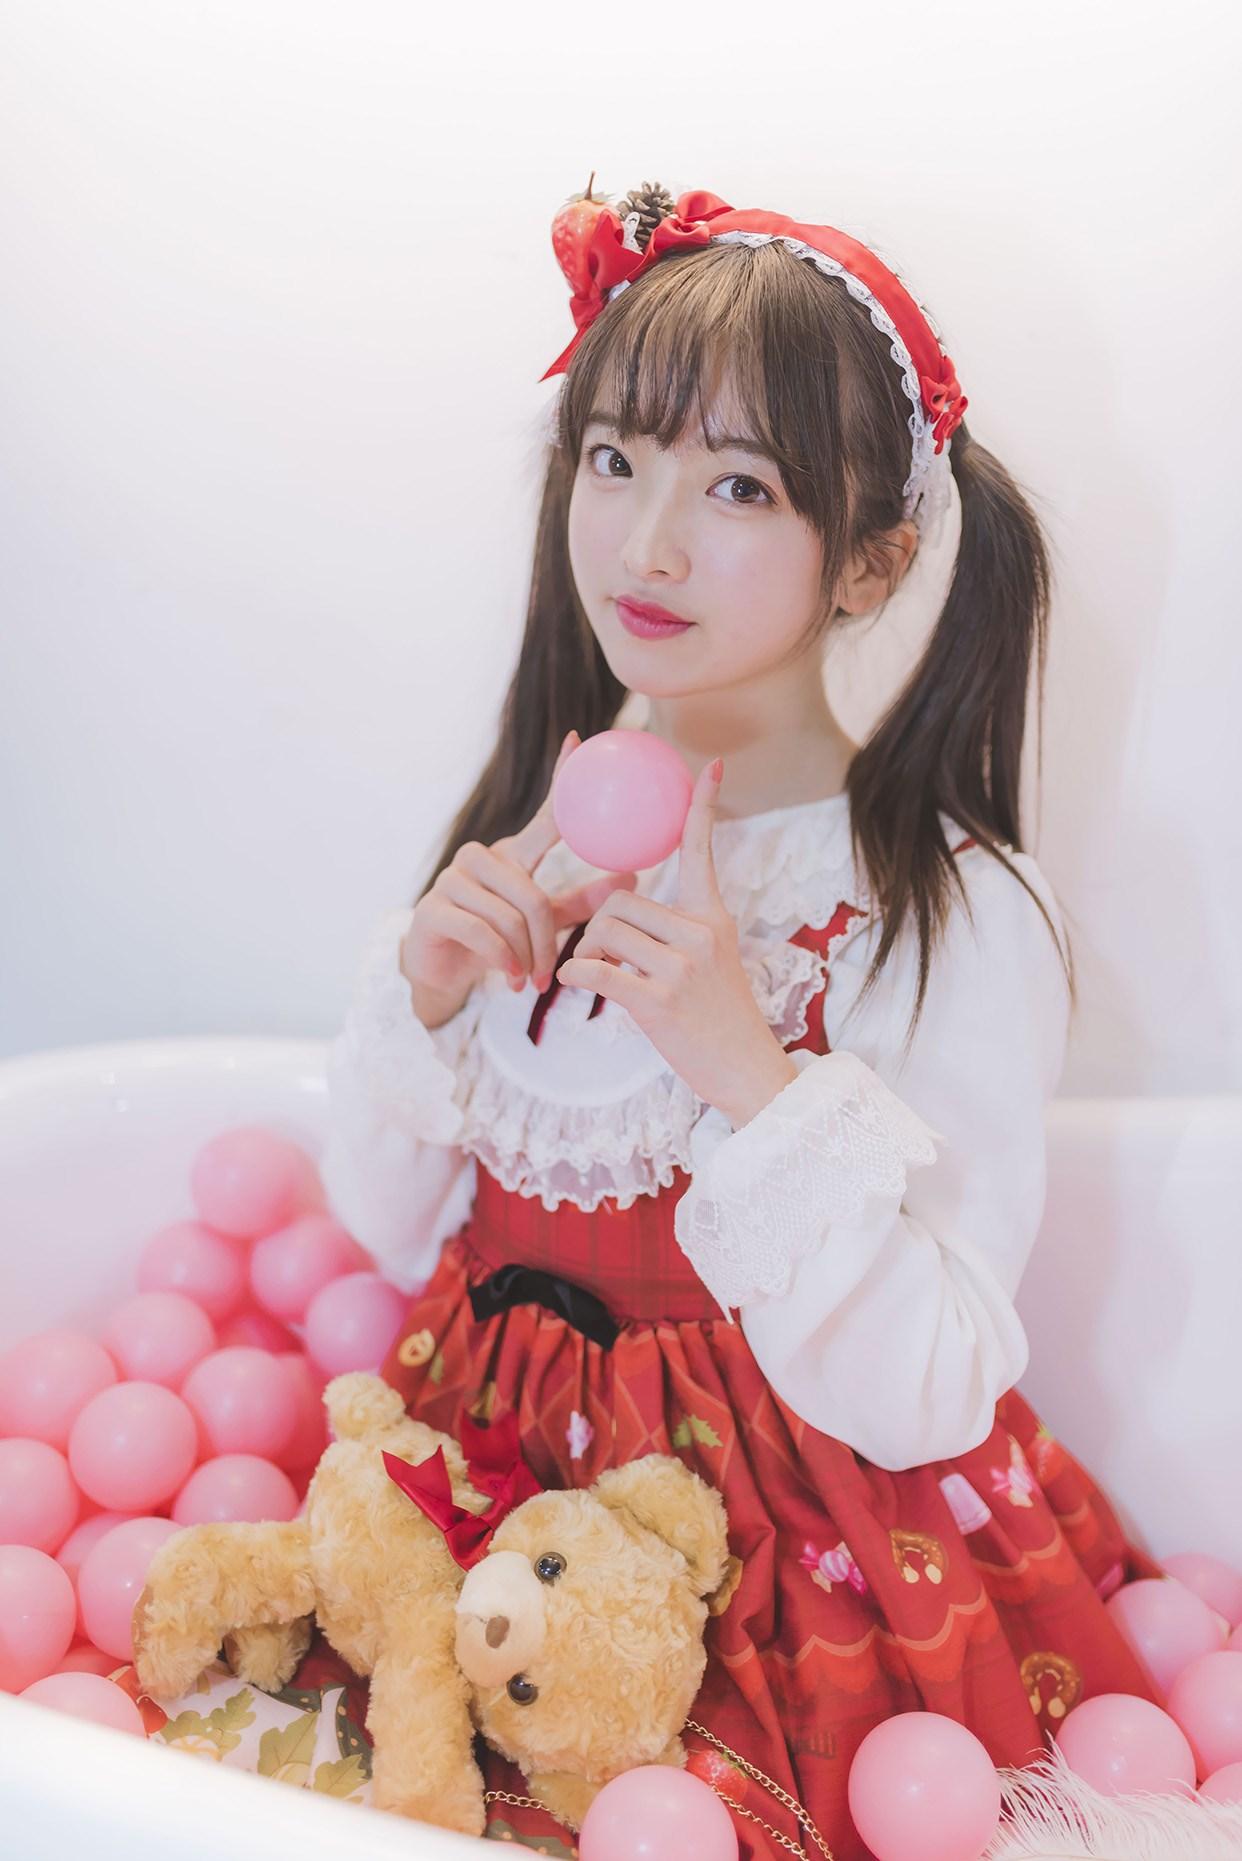 【兔玩映画】一只甜甜的小女友 兔玩映画 第40张